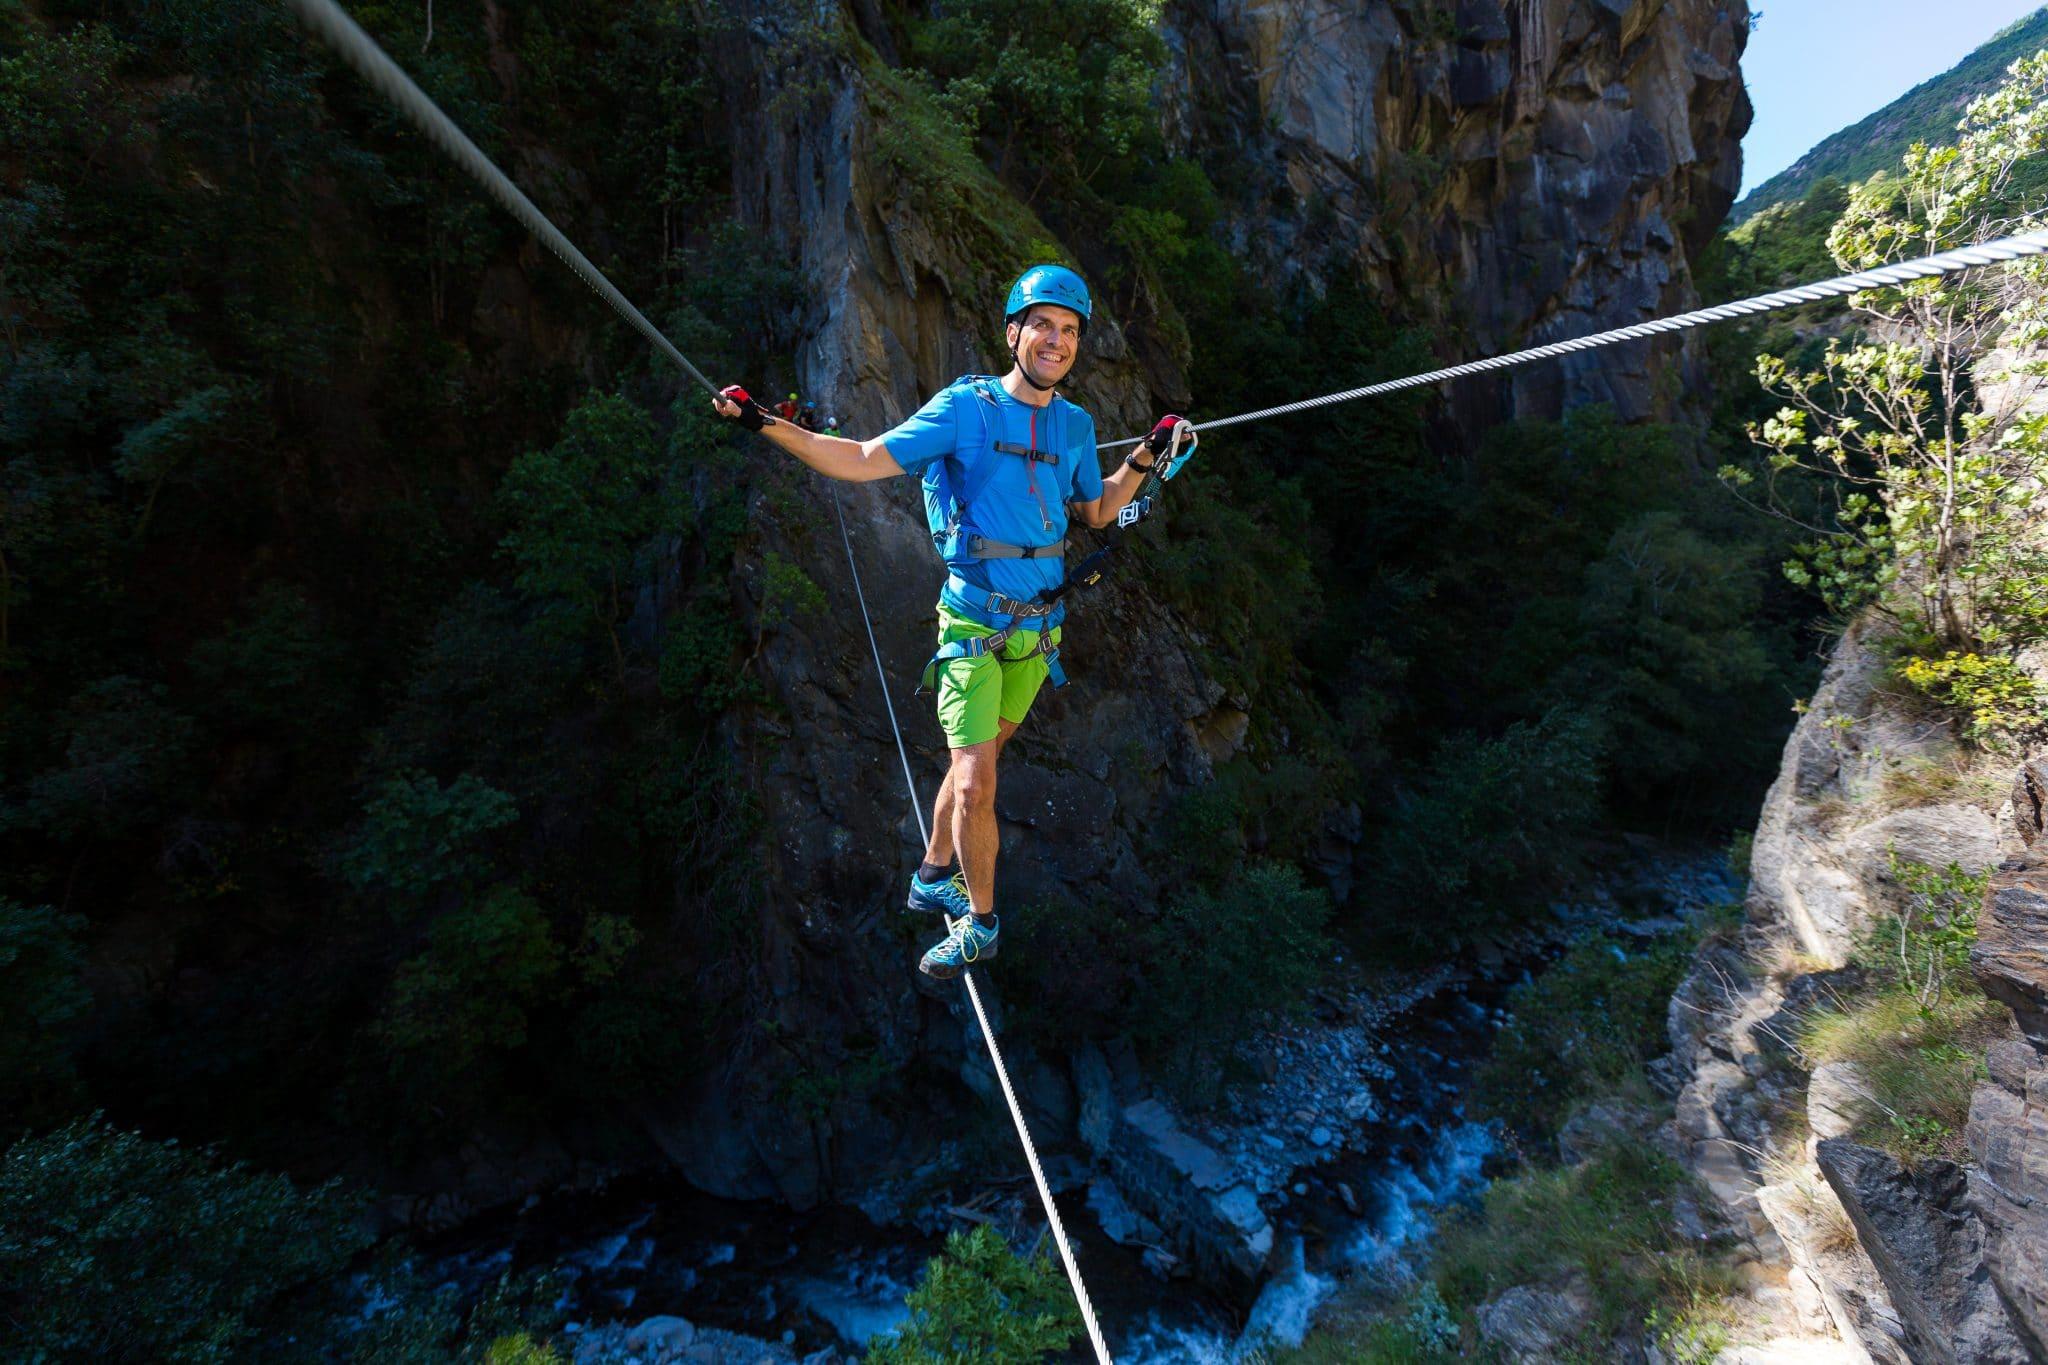 Kletterausrüstung Naturns : Ein klettersteig der es in sich hat dolcevita resort lindenhof****s